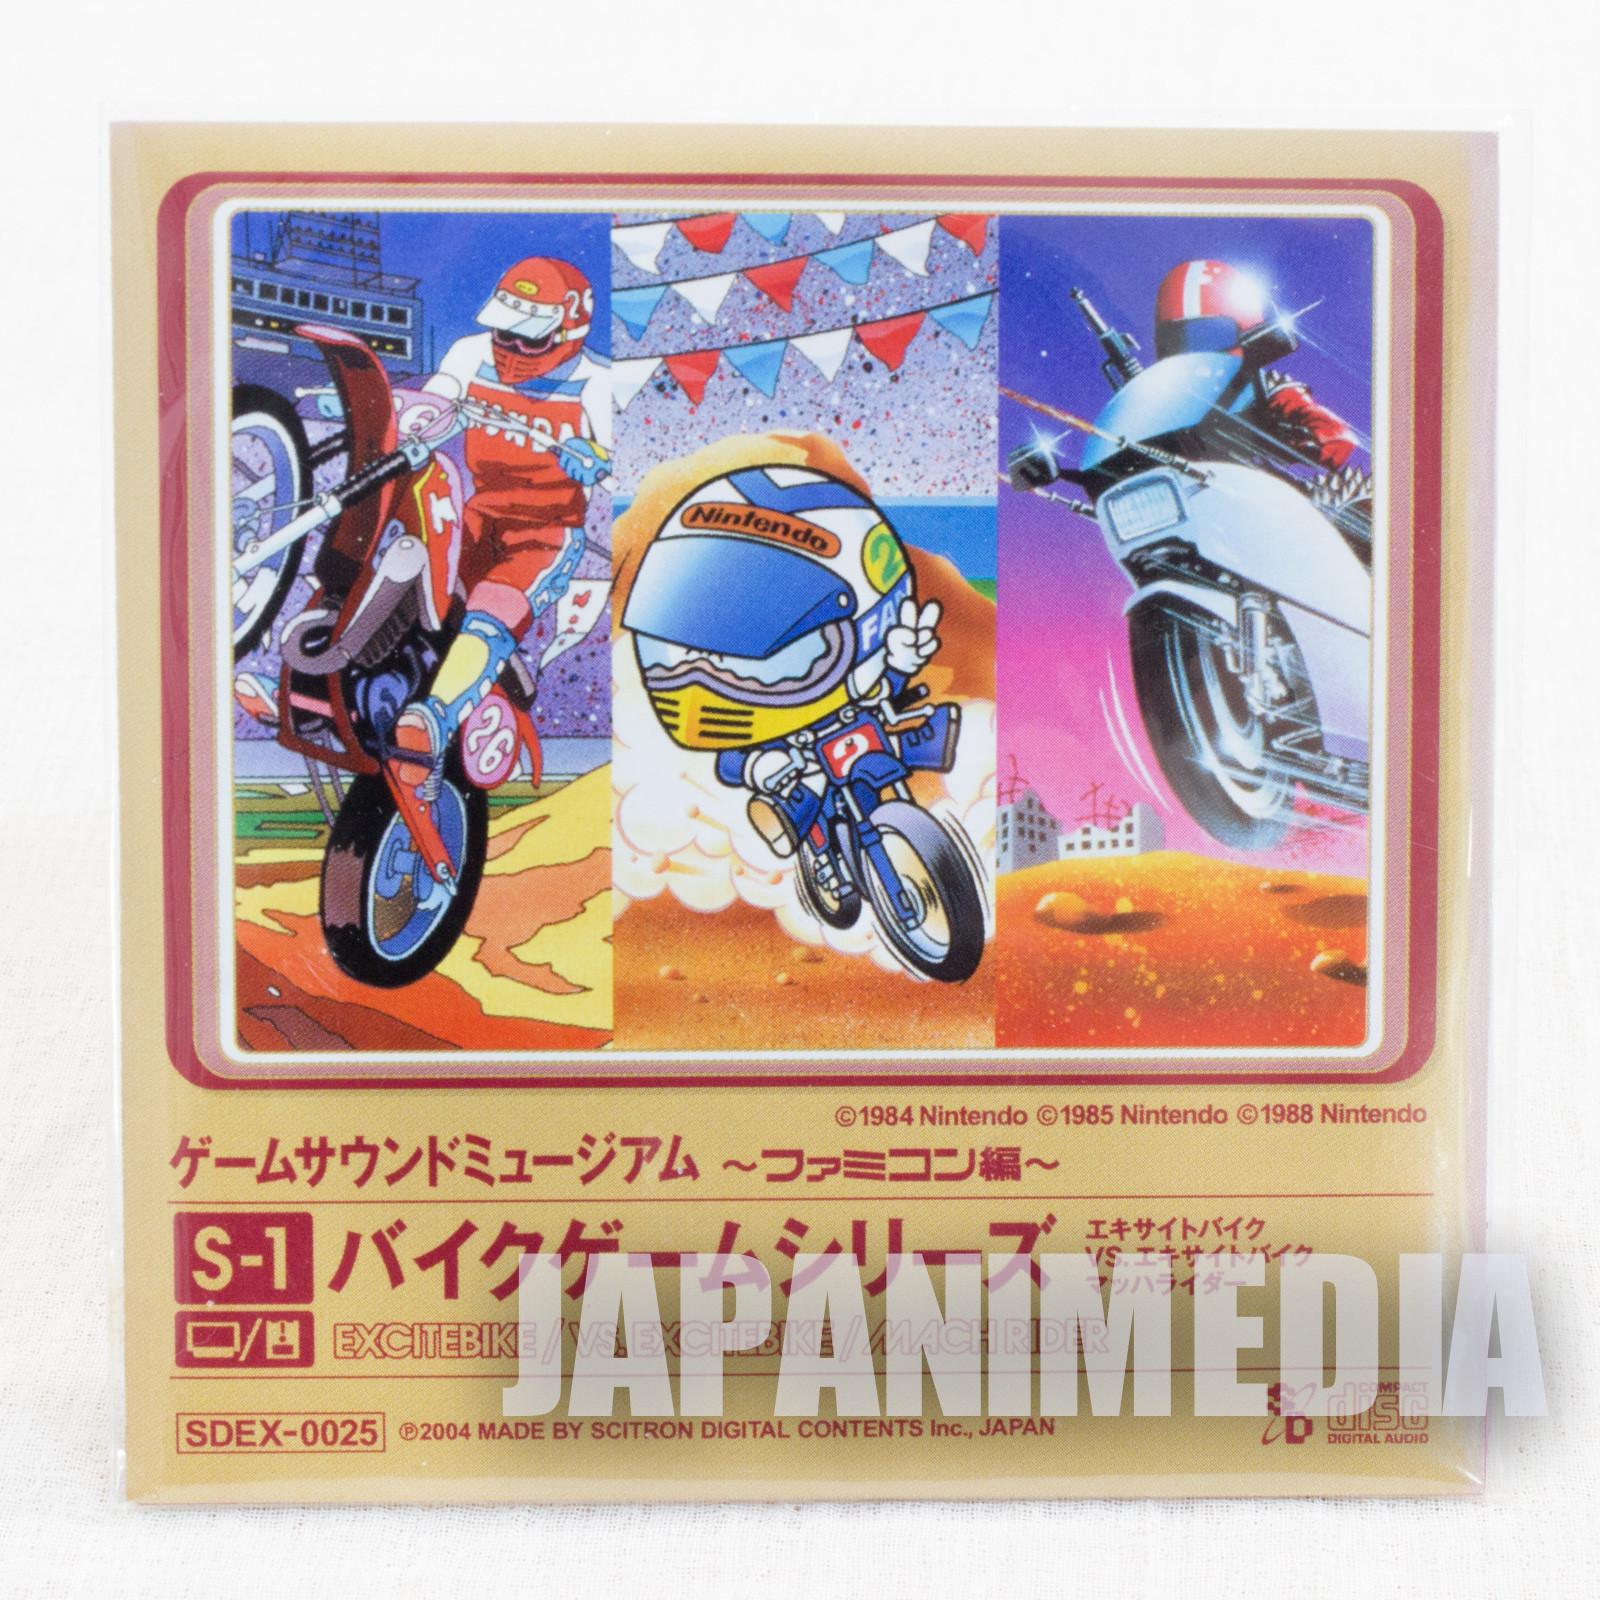 Excite Bike Mach Rider Game Sound Museum Nintendo Music 8cm CD JAPAN FAMICOM